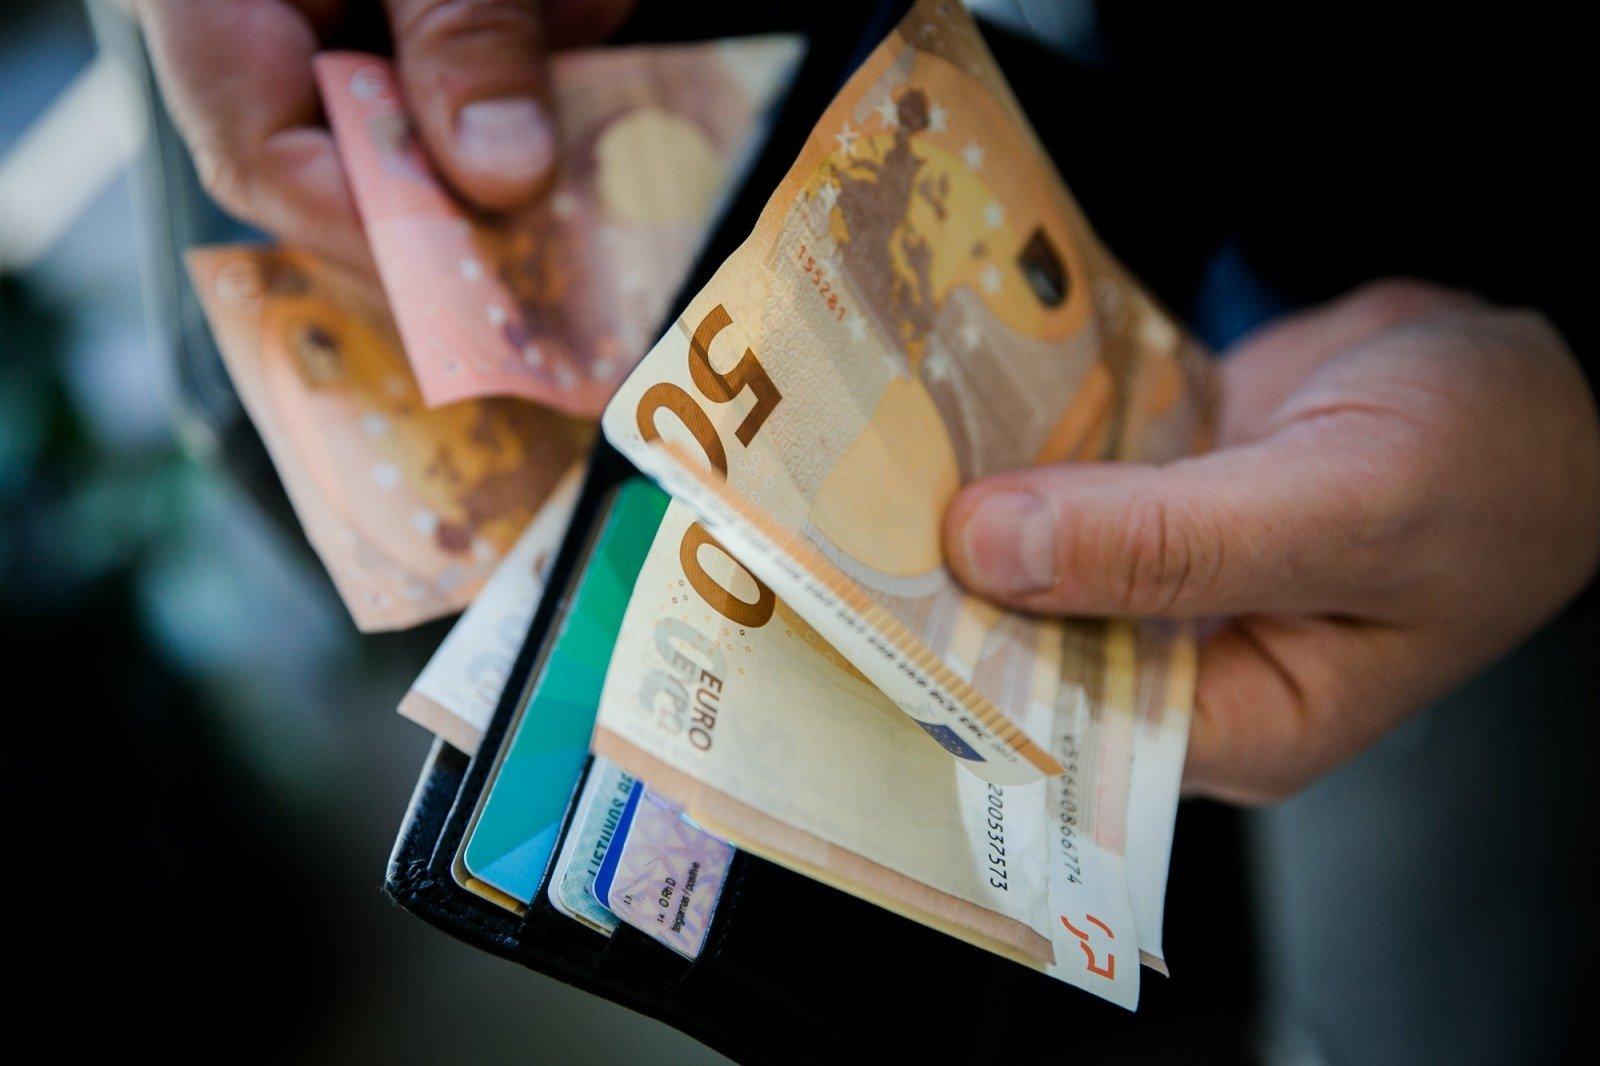 Originalios idėjos, kaip uždirbti daugiau pinigų - DELFI Darbas